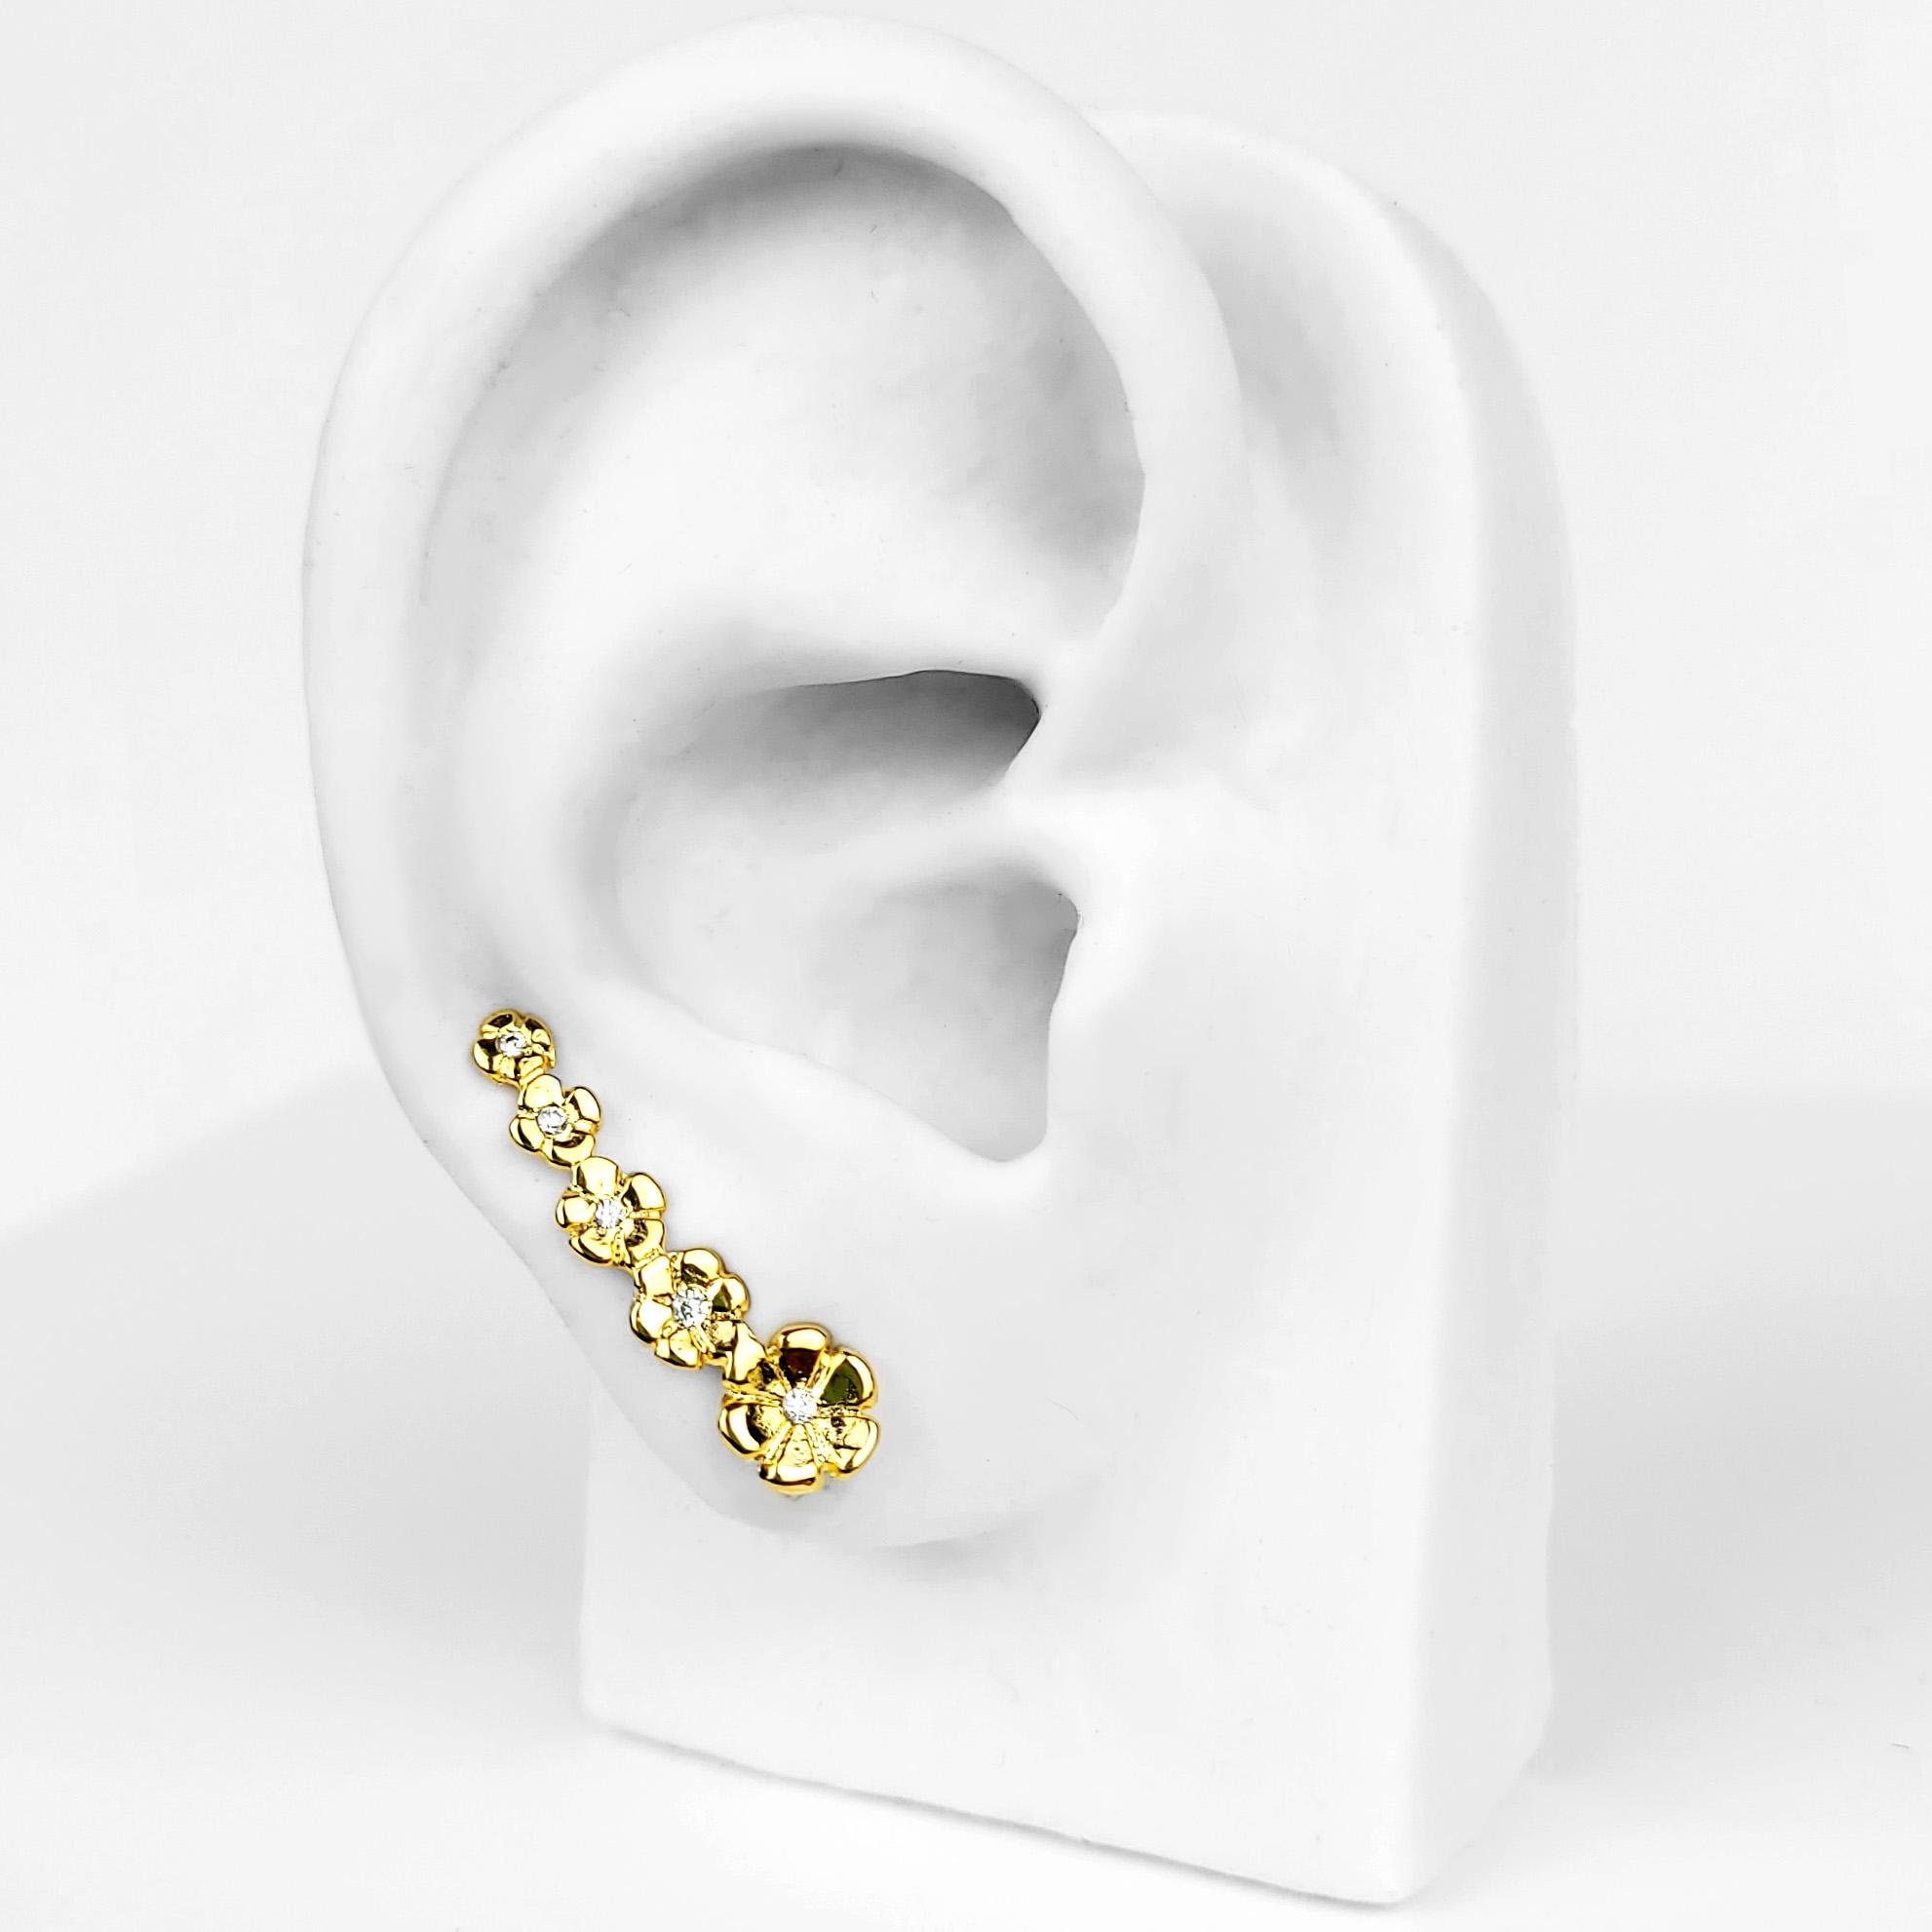 Brinco Ear Cuff Flores com Zircônias Folheado a Ouro 18K  - Lunozê Joias